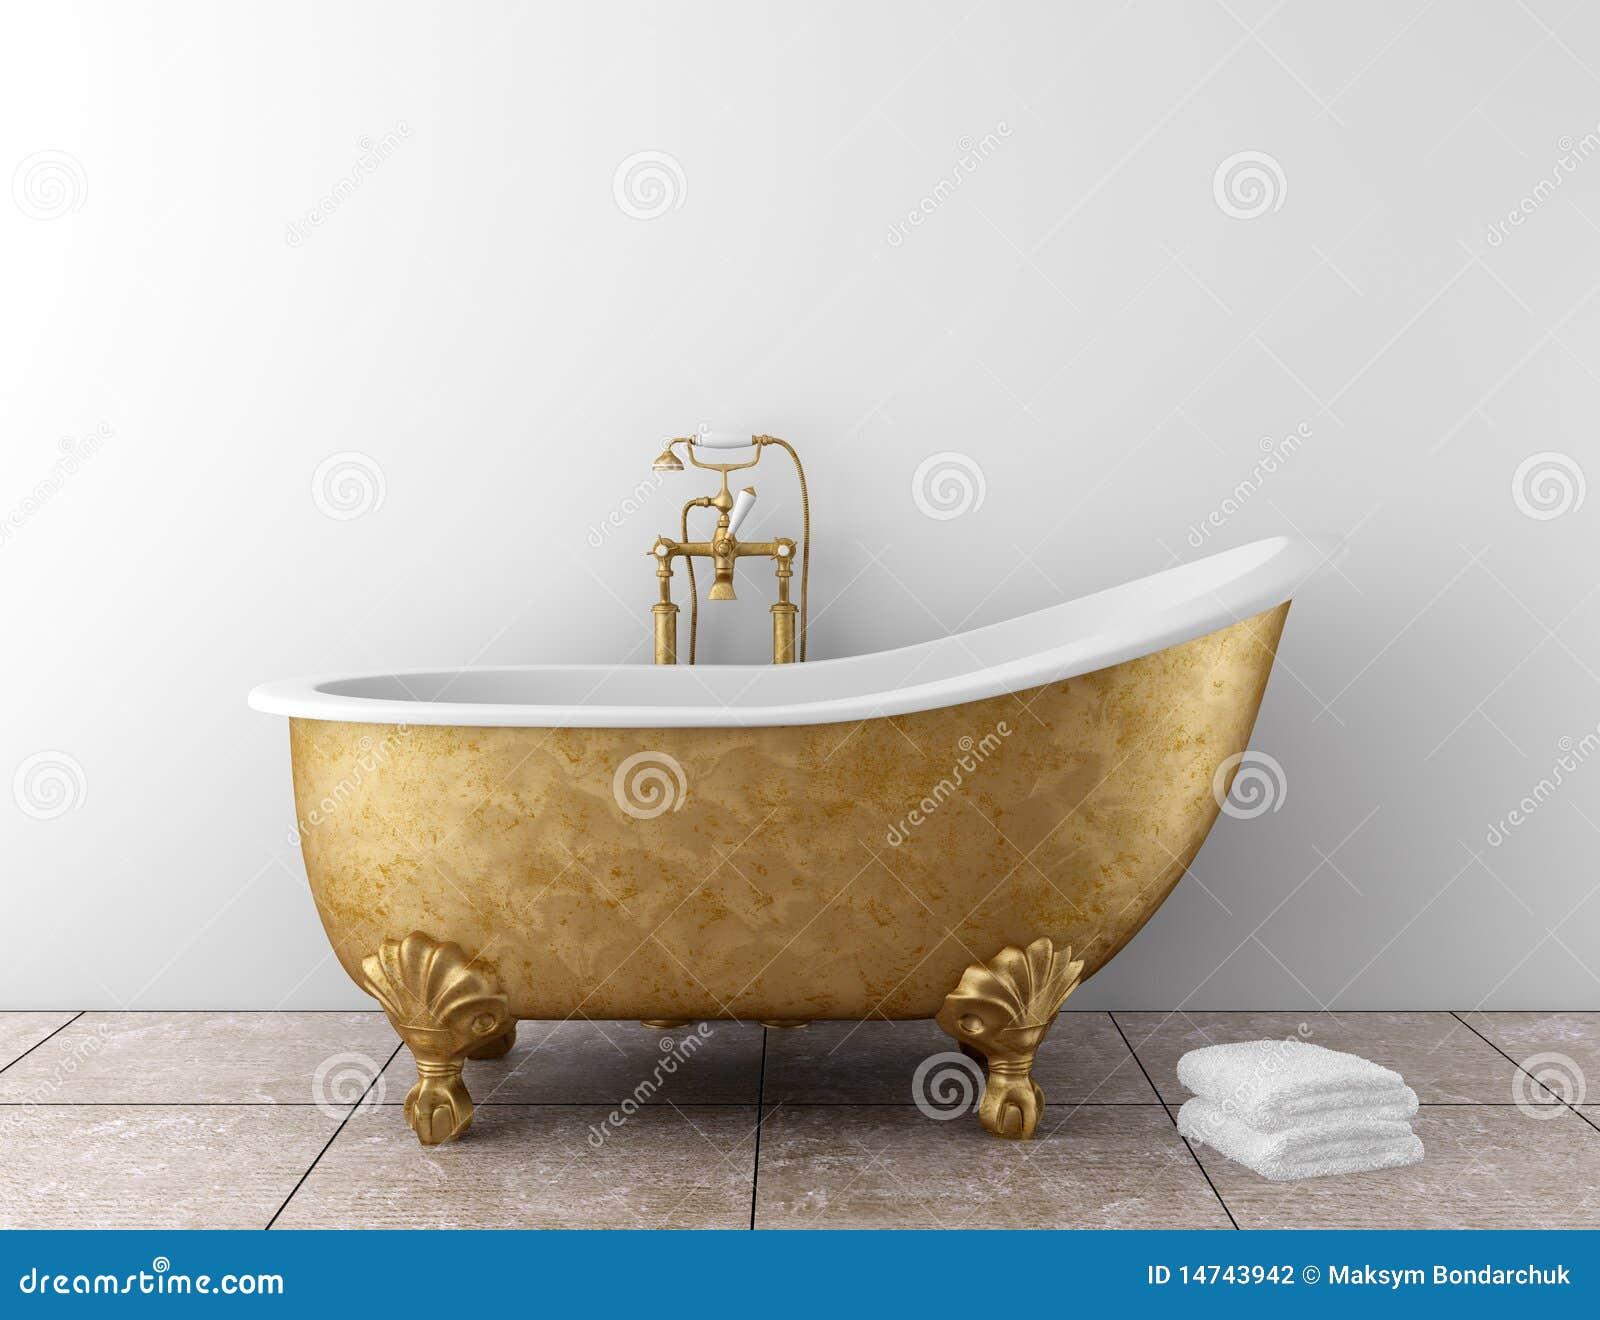 Klassieke badkamers met oude badkuip stock fotografie afbeelding 14743942 - Oude badkamer ...